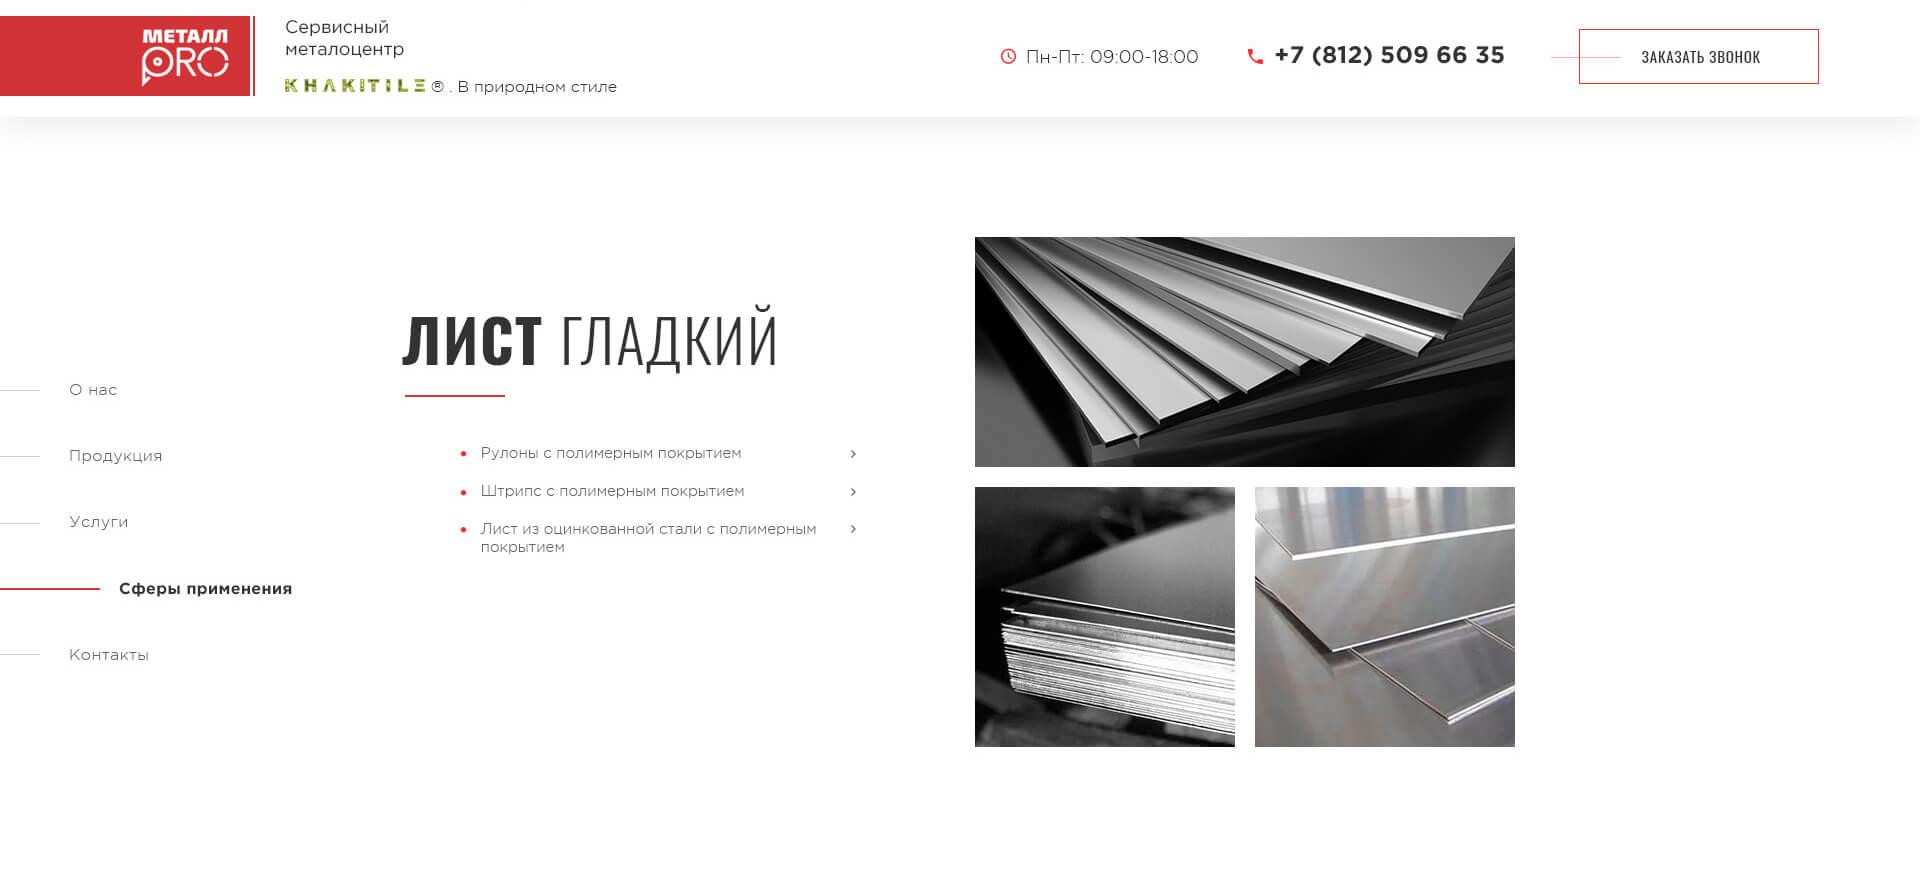 03_metallspb_catalog_(4)